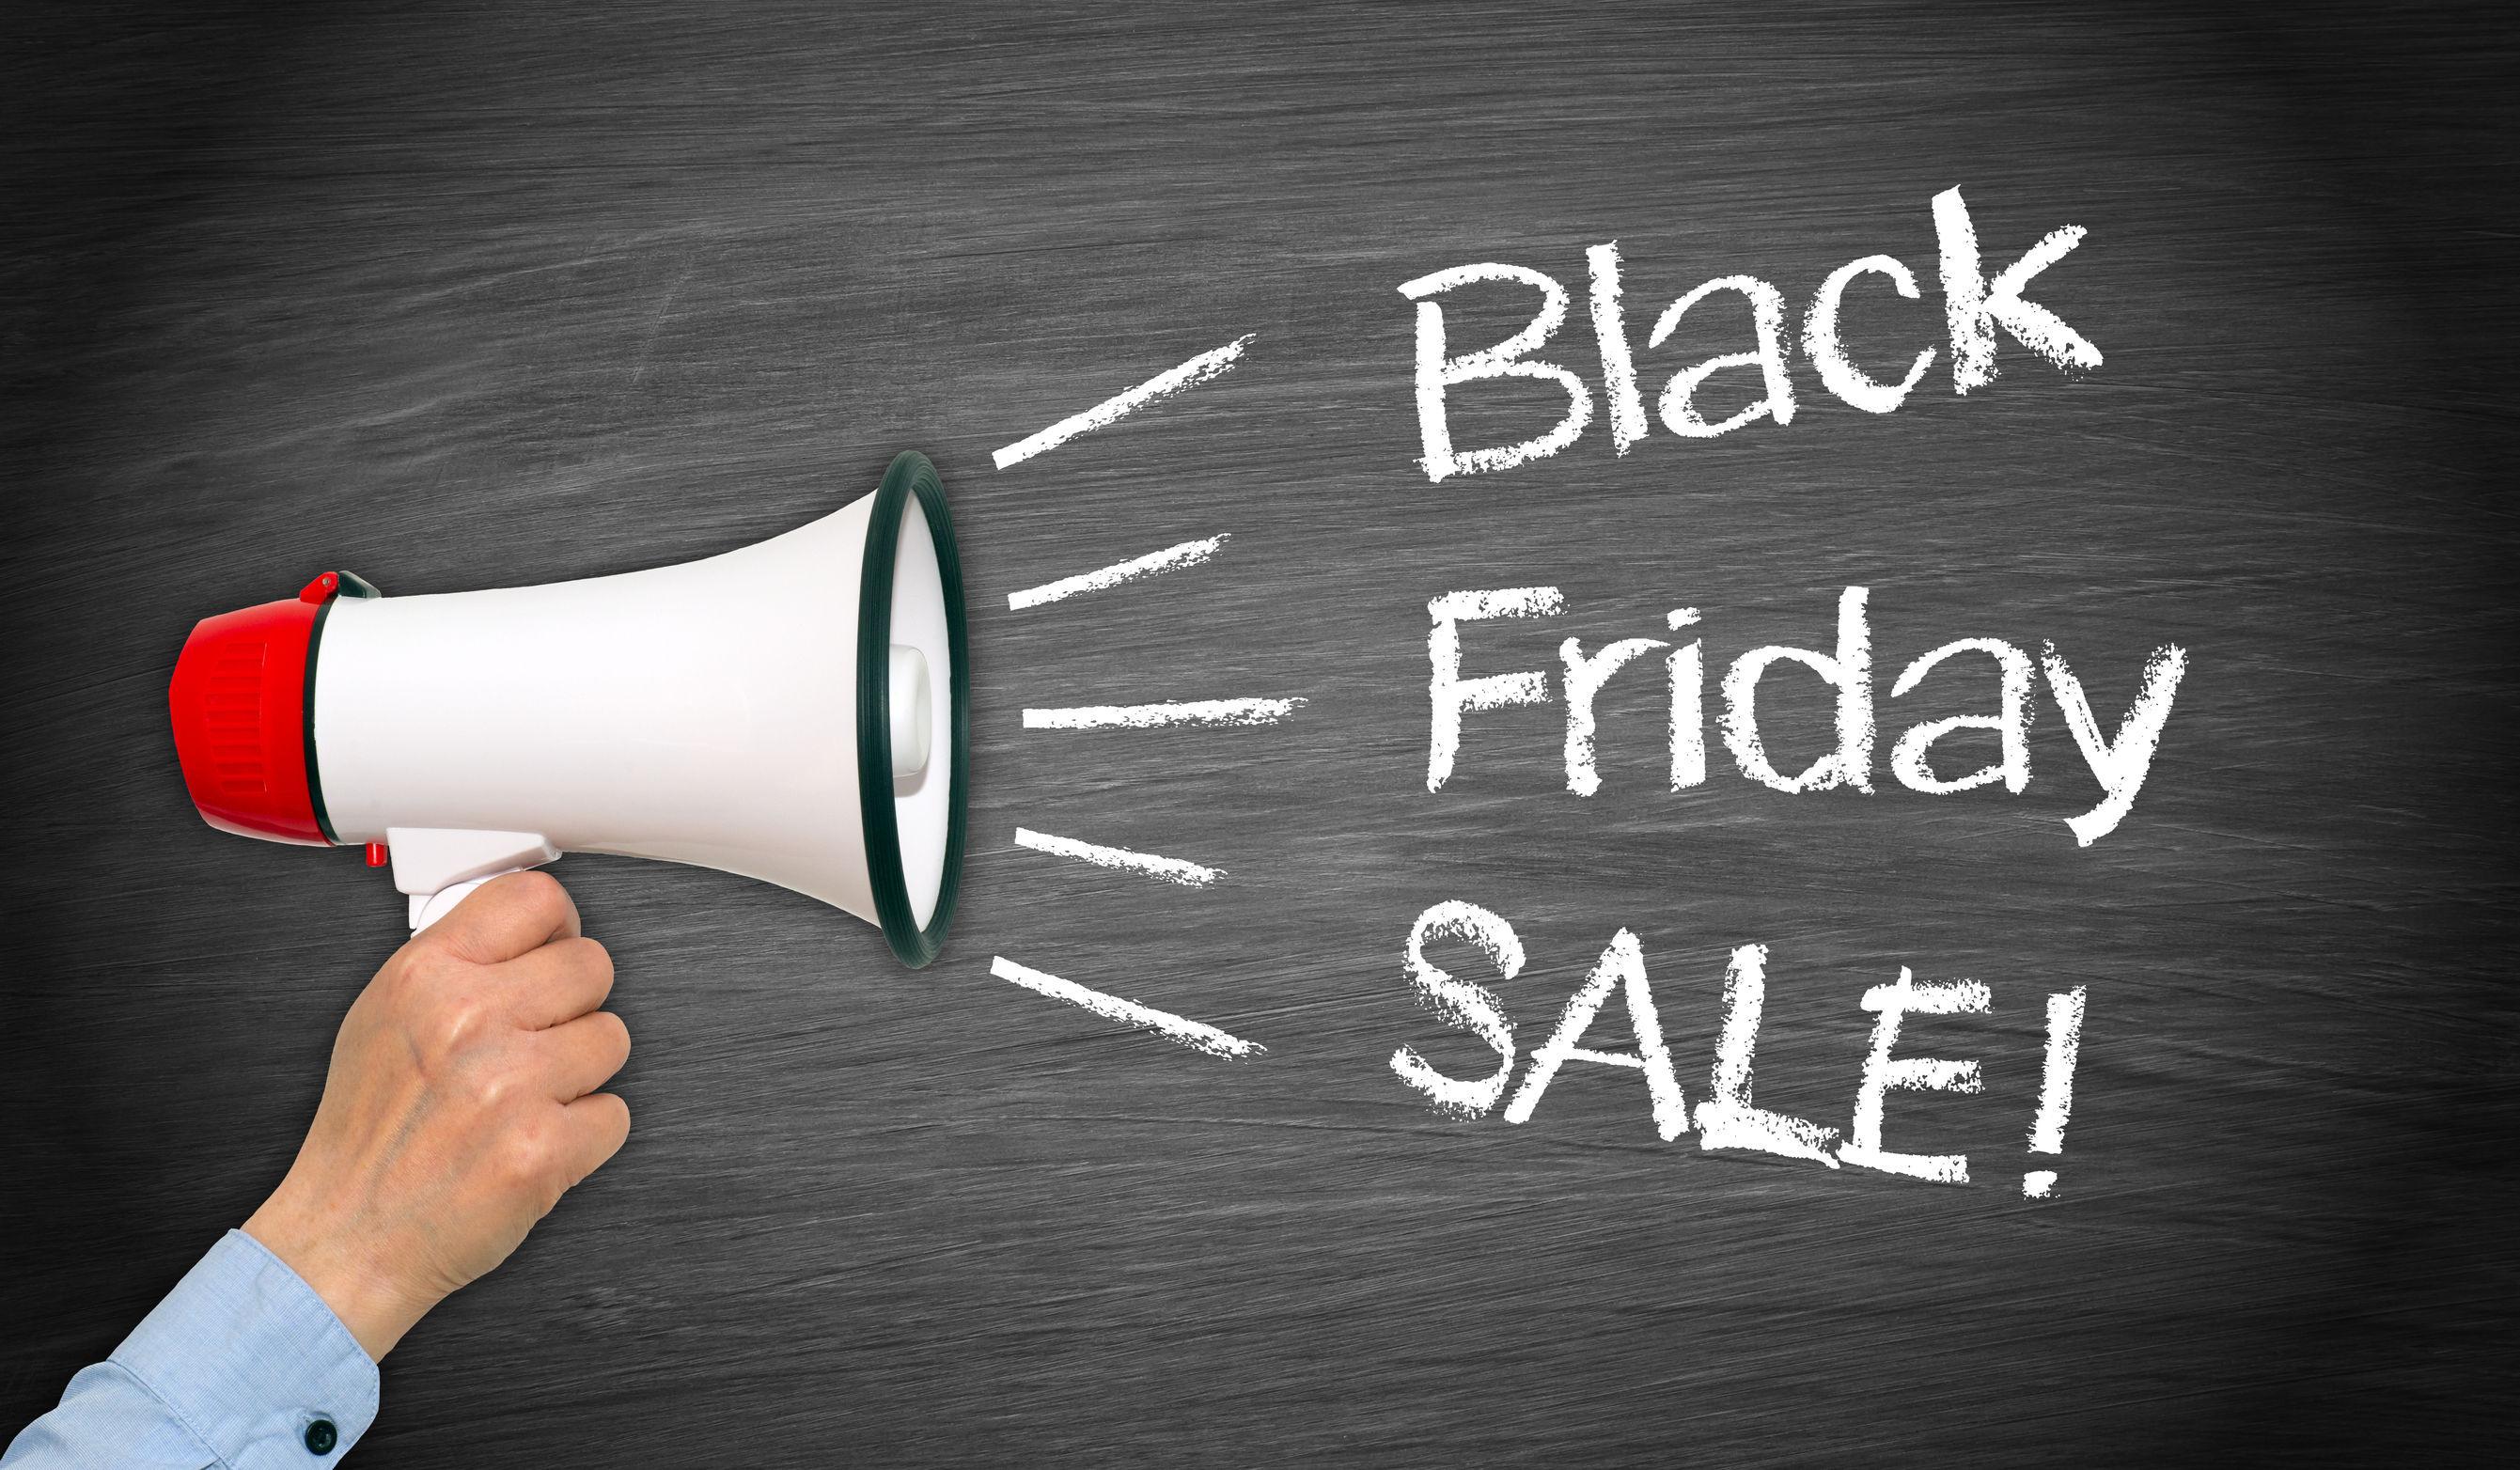 Black Friday de Iarnă | Lichidare de stoc la unul dintre cei mai cunoscuţi retaileri online, cu reduceri de până la 70%: Ce produse sunt la ofertă